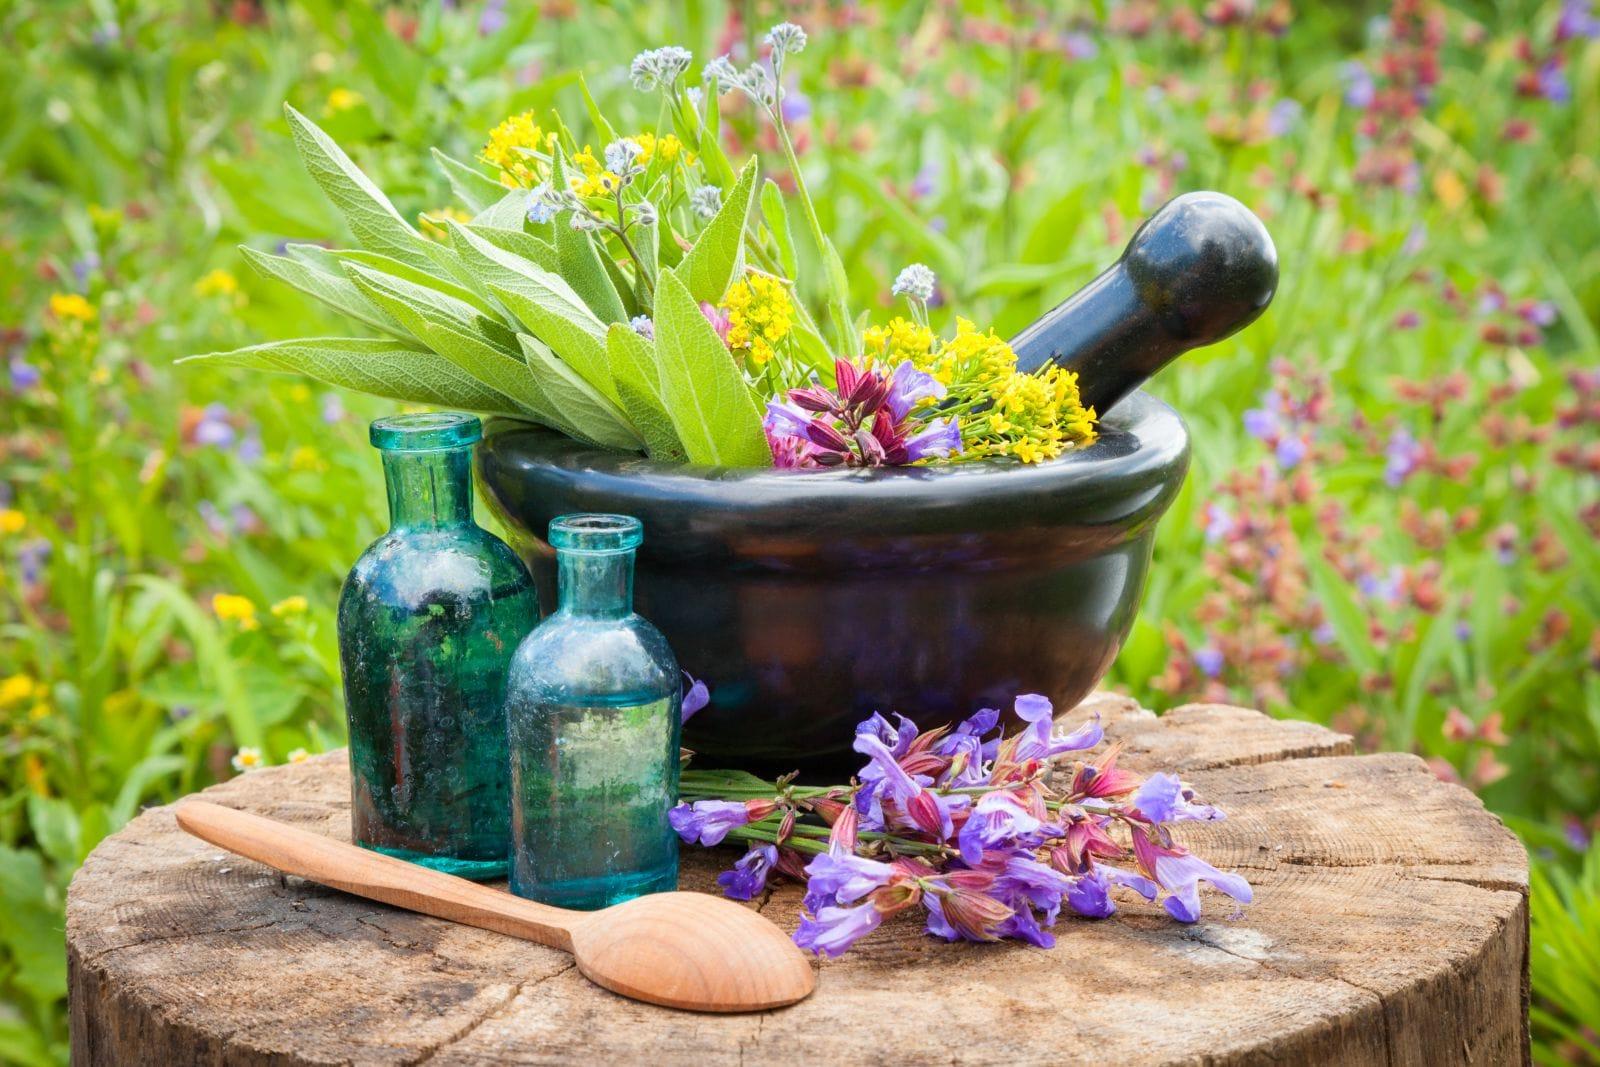 Persian herbal medicine